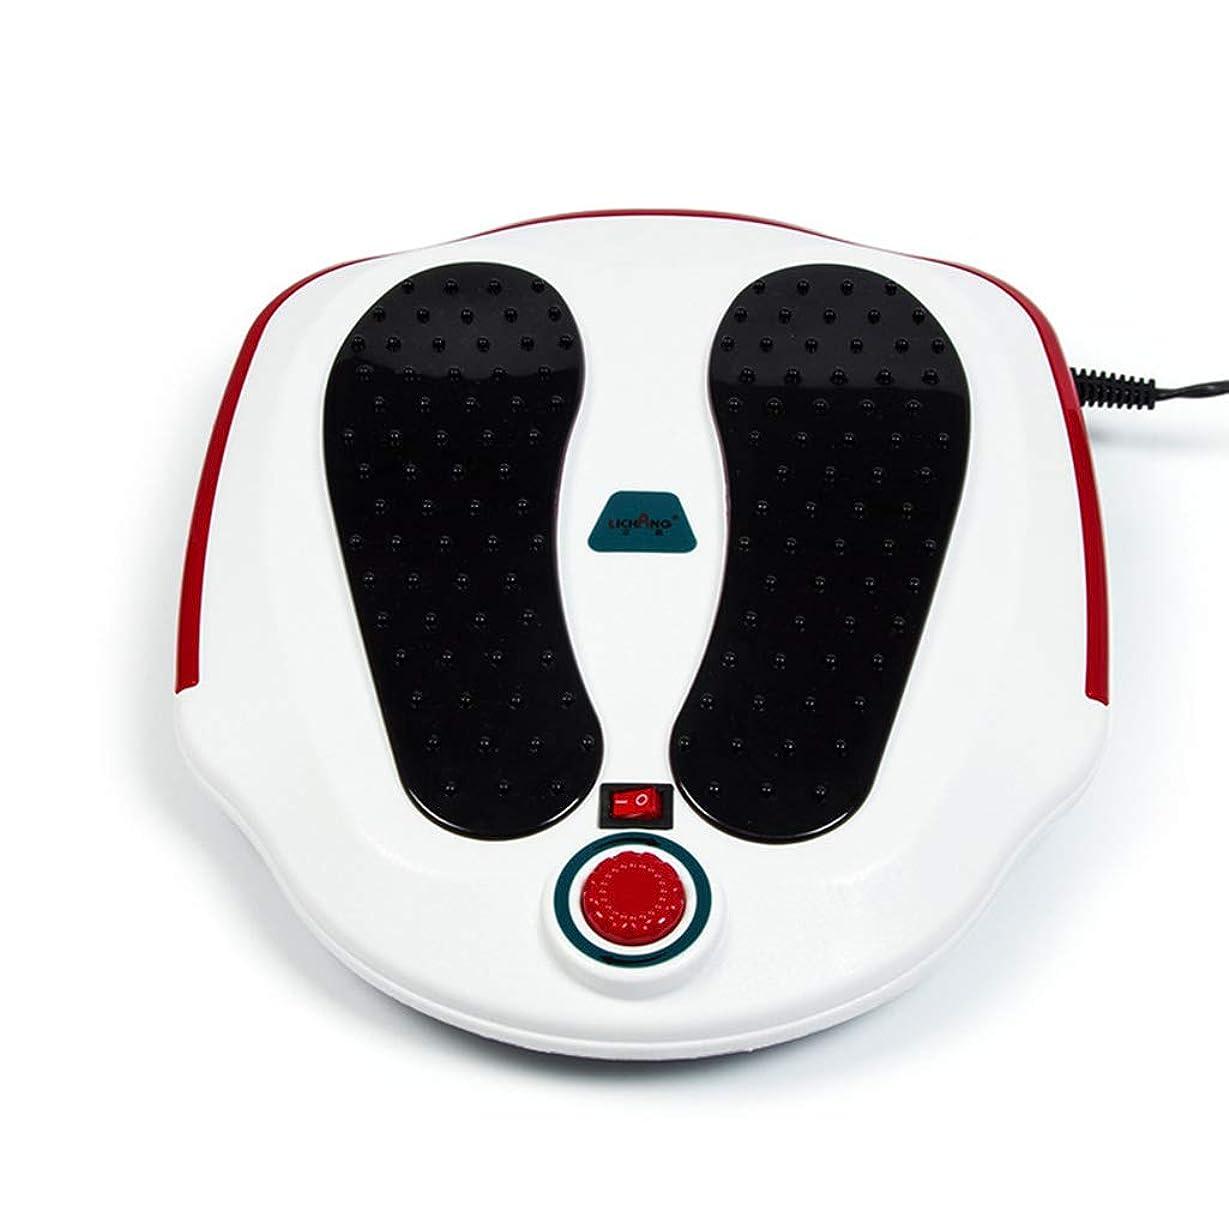 侵略デマンドロードハウス調整可能 足裏マッサージ、フルフットマッサージ体験のABS素材、硬い筋肉を柔らかくし、循環を改善し、痛みを和らげます リラックス, white